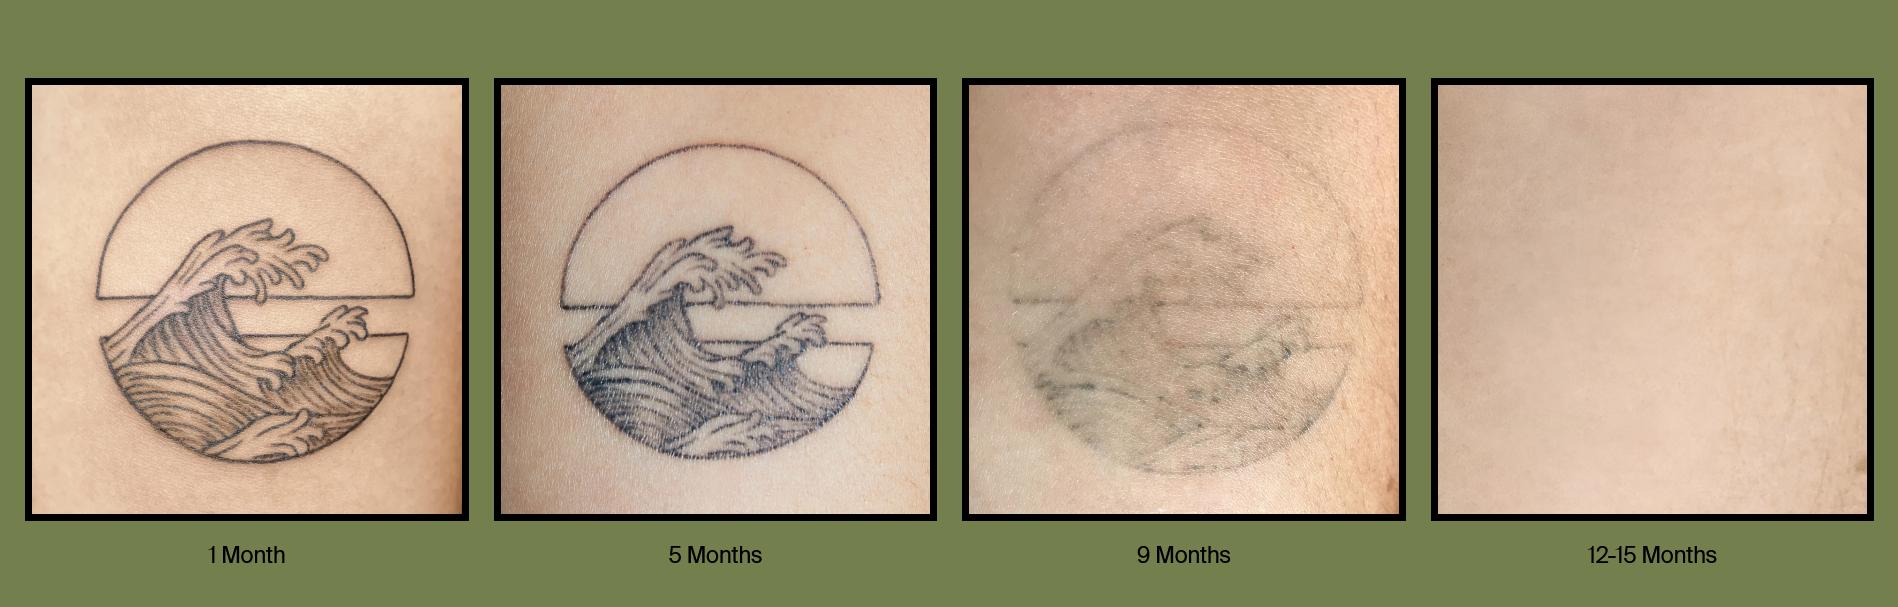 De inkt vervaagt na negen tot vijftien maanden., Ephemeral Tattoo